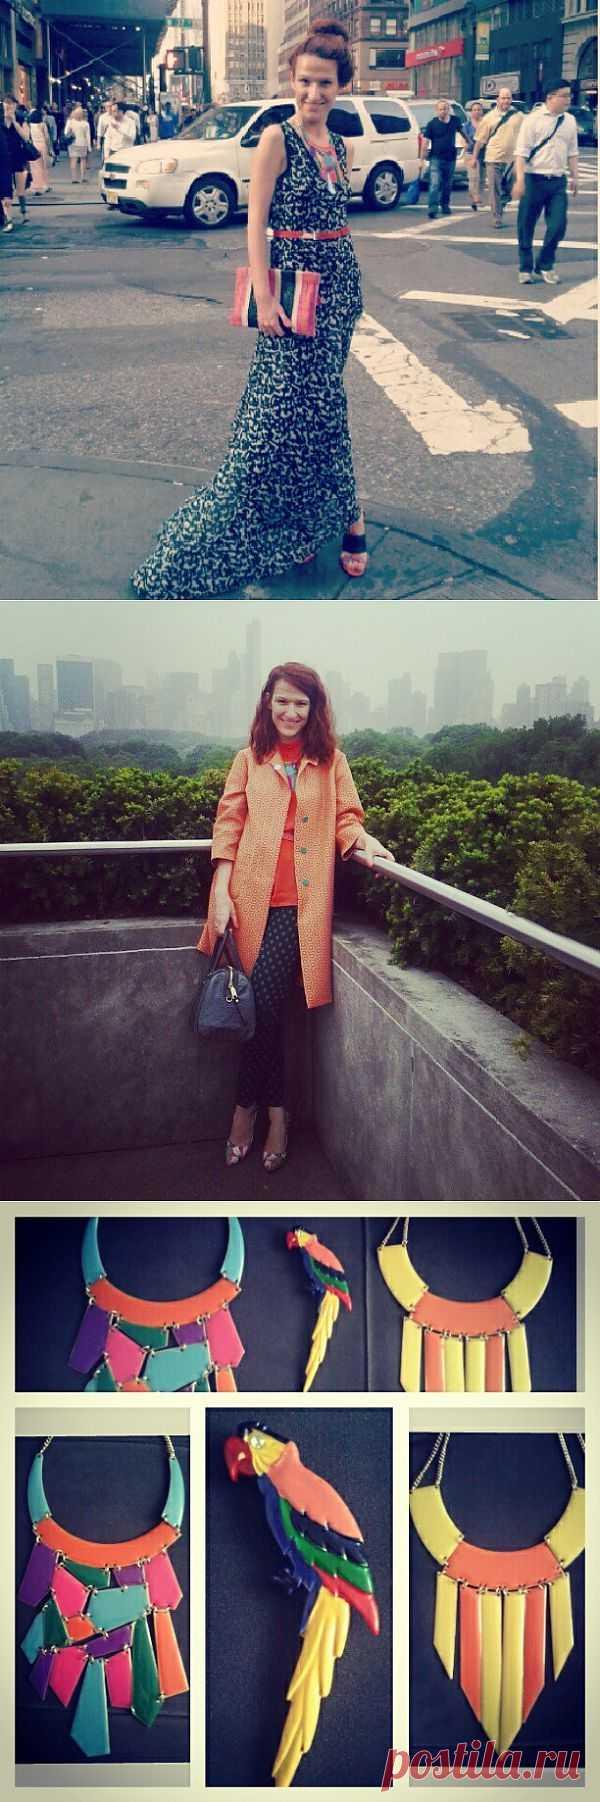 Америка: Нью Йорк, Майями, образы, места, покупки, впечатления / Ваш стиль / Модный сайт о стильной переделке одежды и интерьера